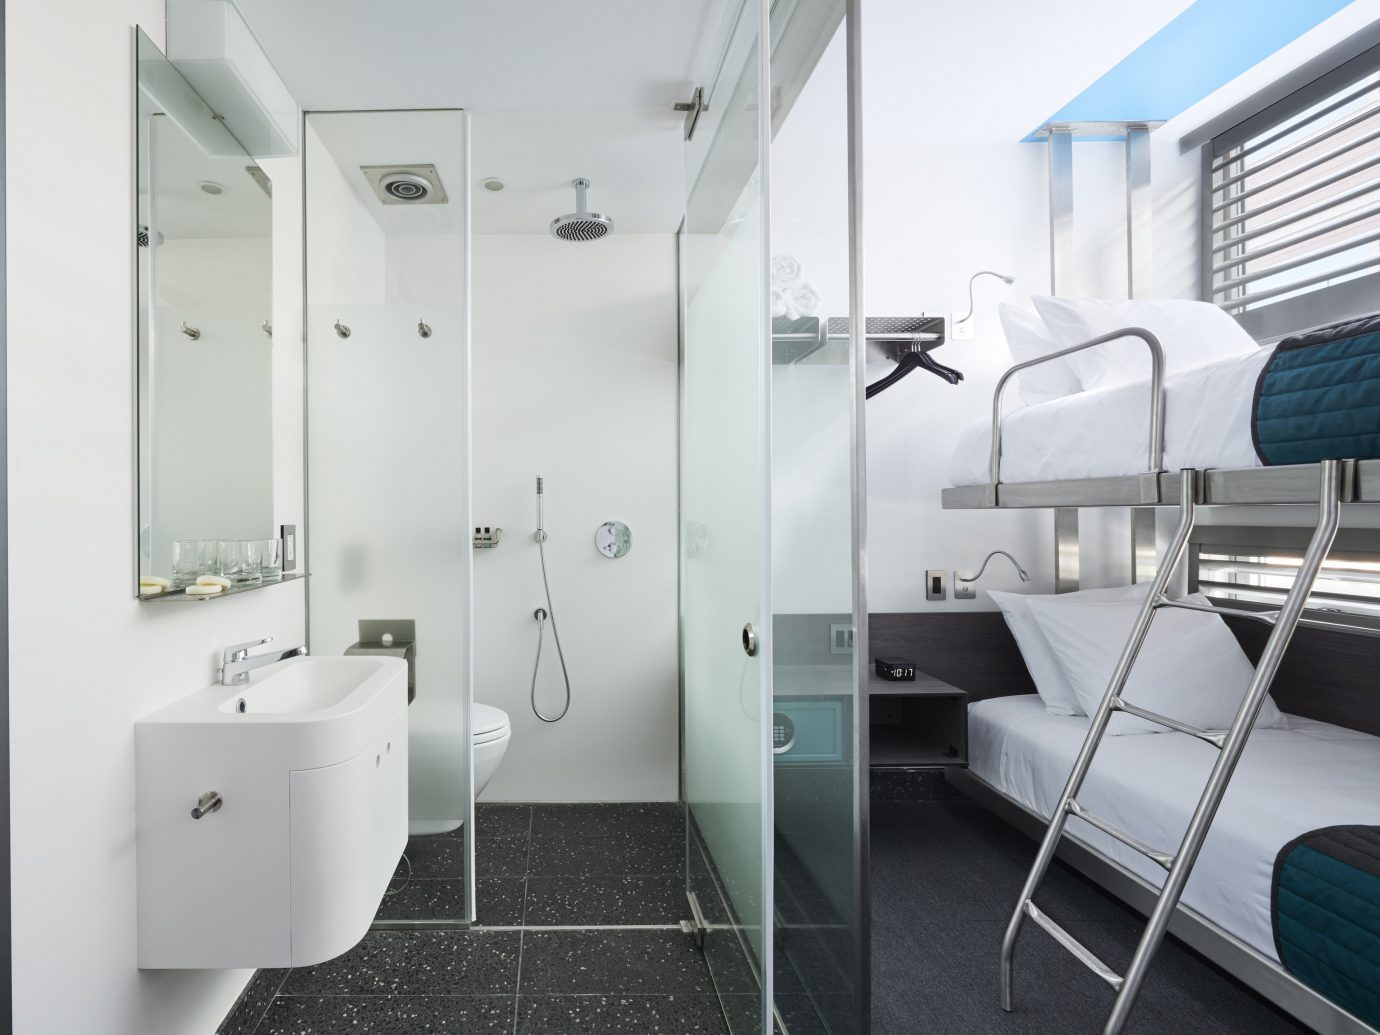 Hotels indoor floor wall room property interior design apartment